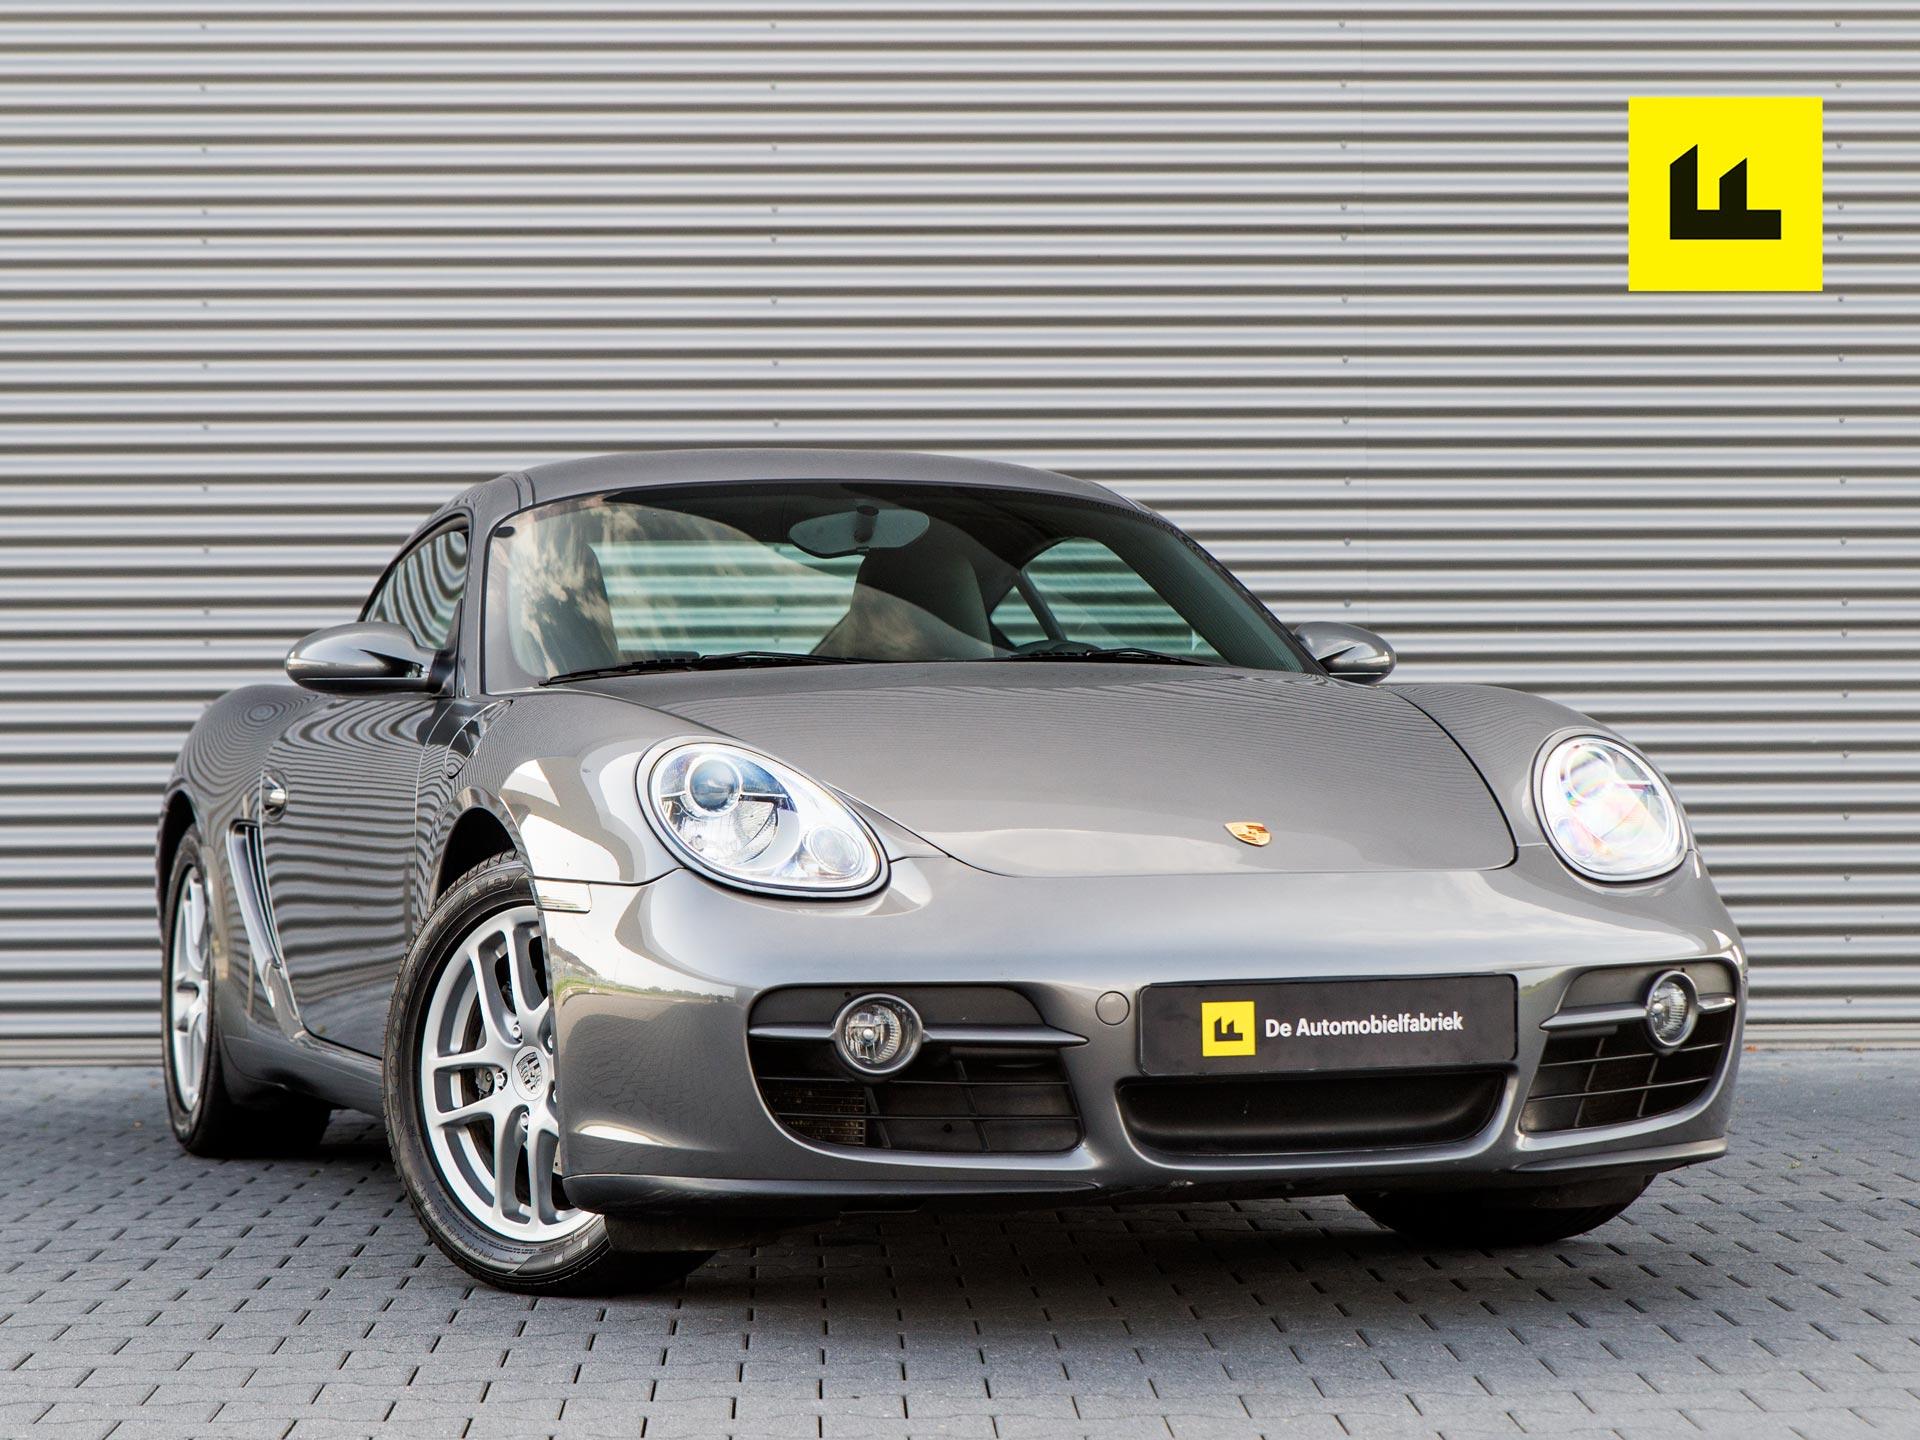 Tweedehands Porsche Cayman uit 2007, occasion